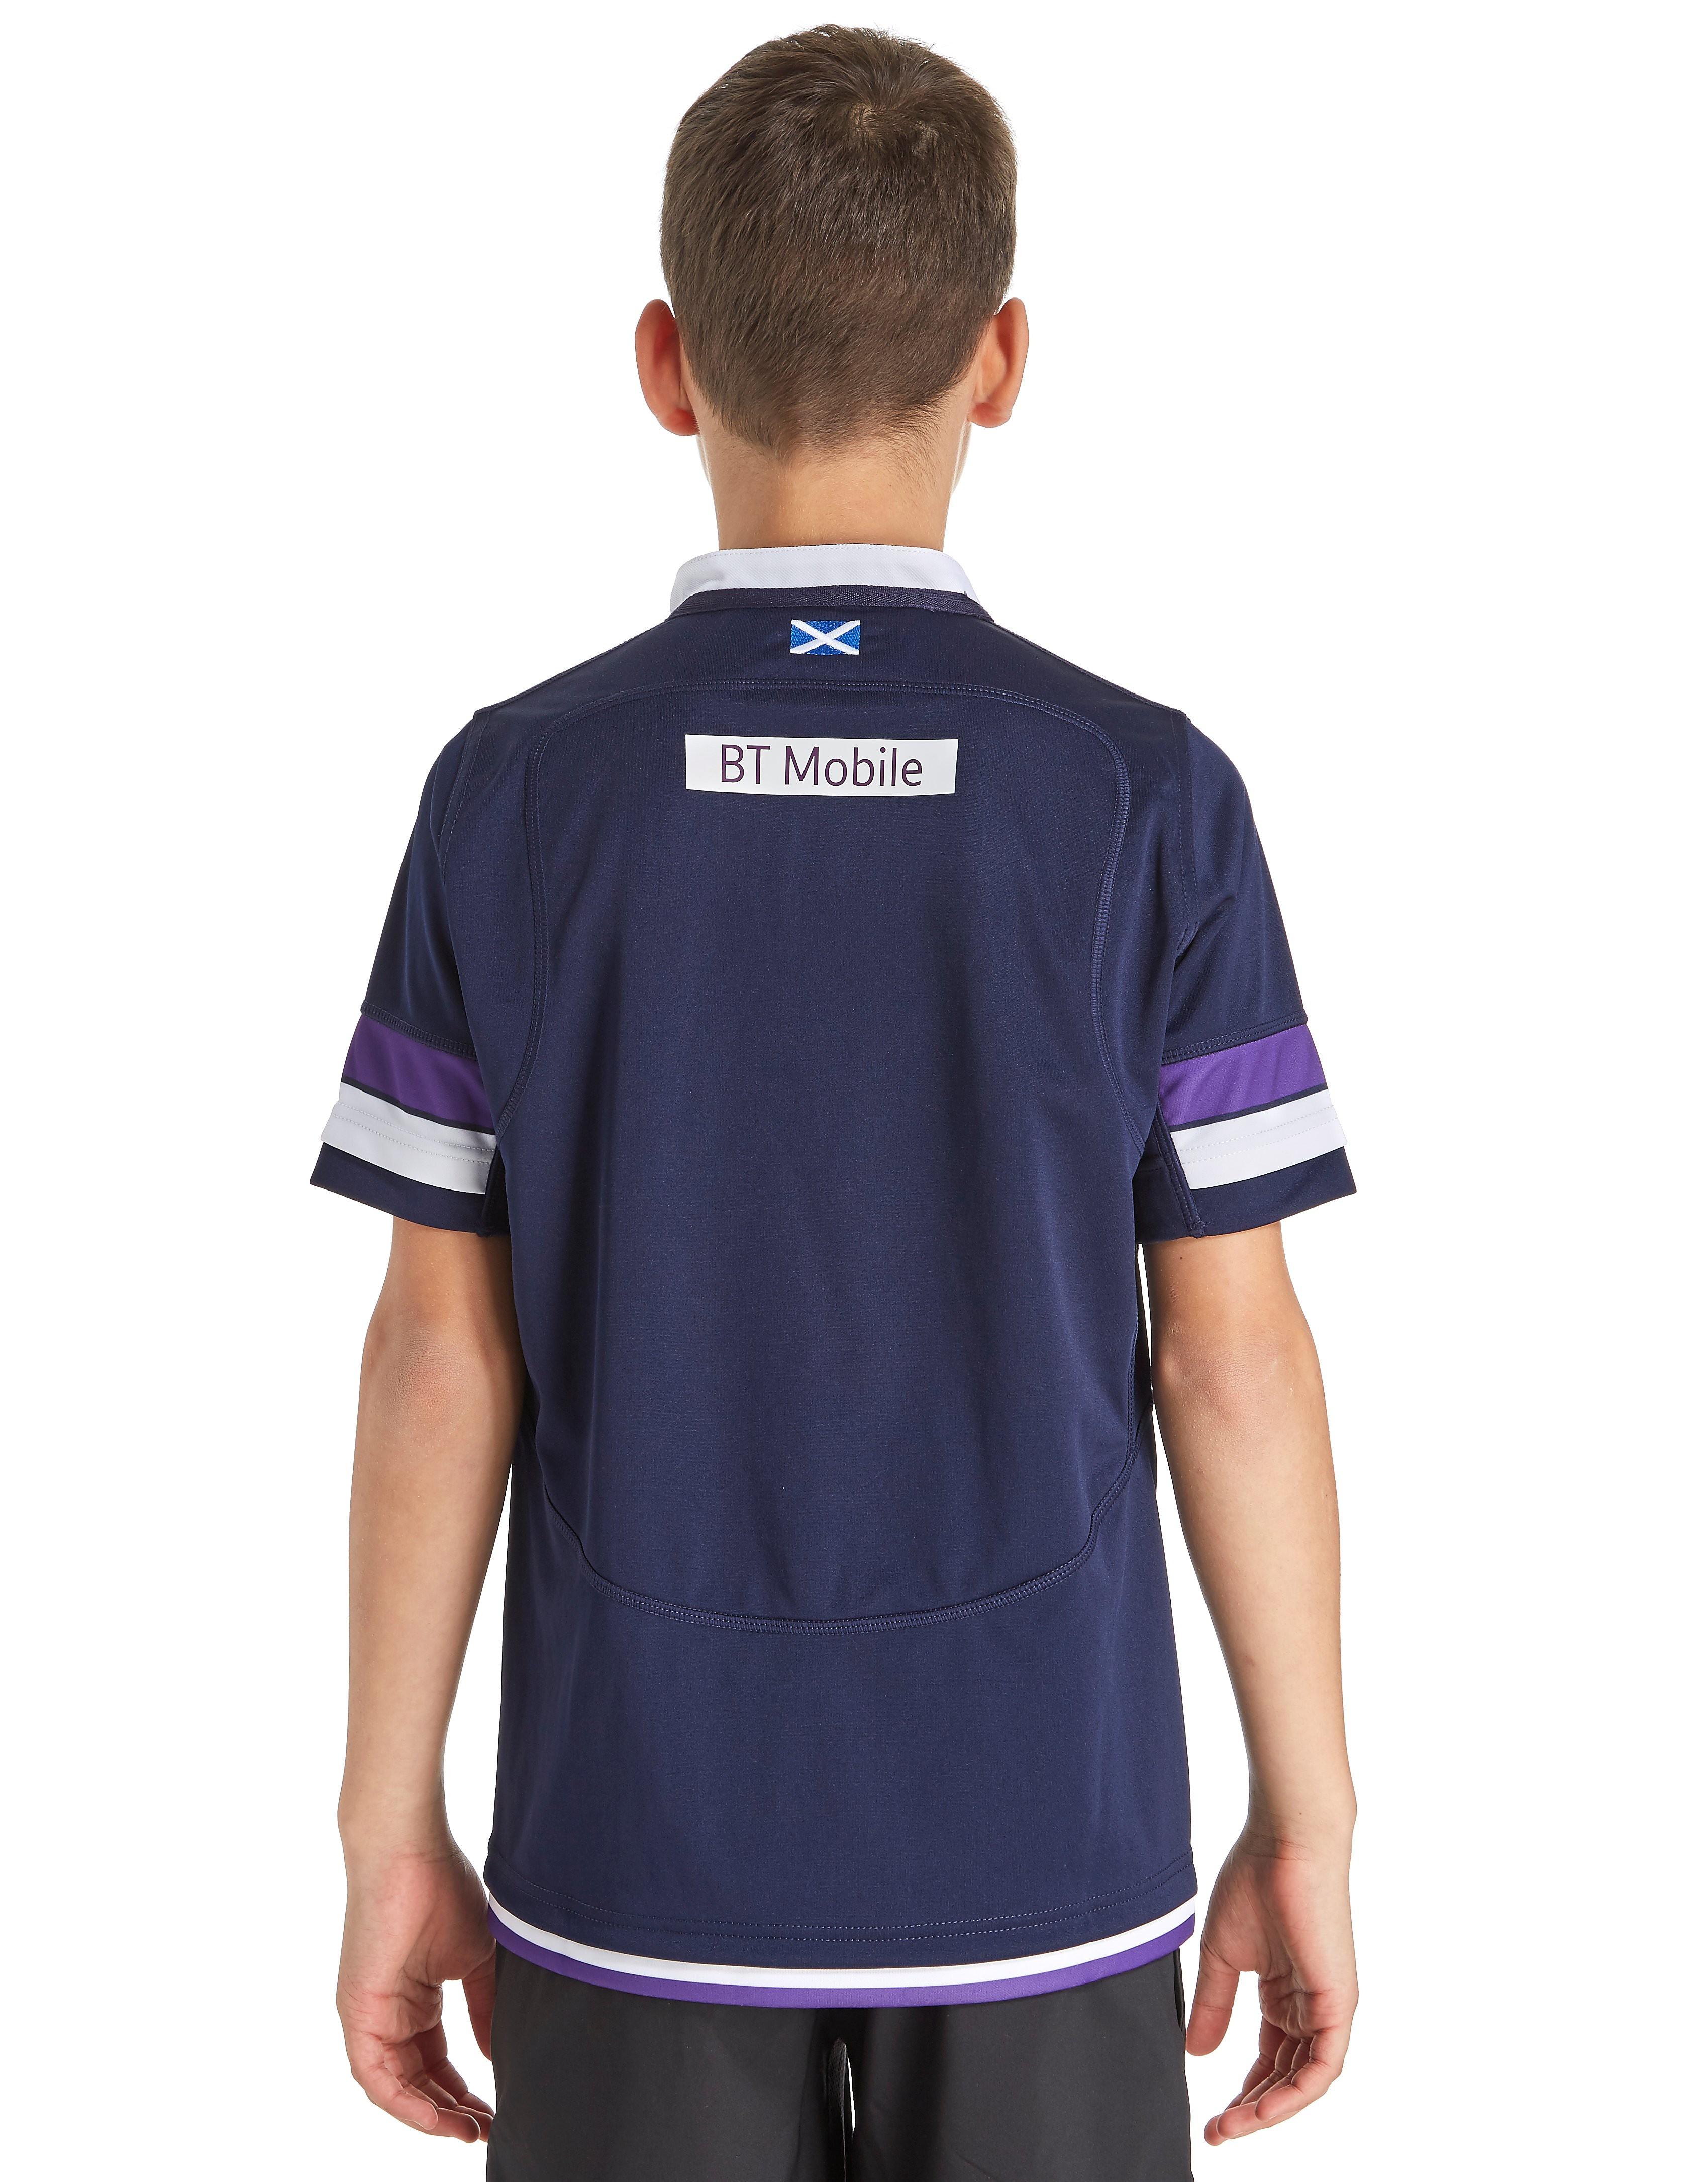 Macron camiseta 1.ª equipación Scotland Rugby Union 2017/18